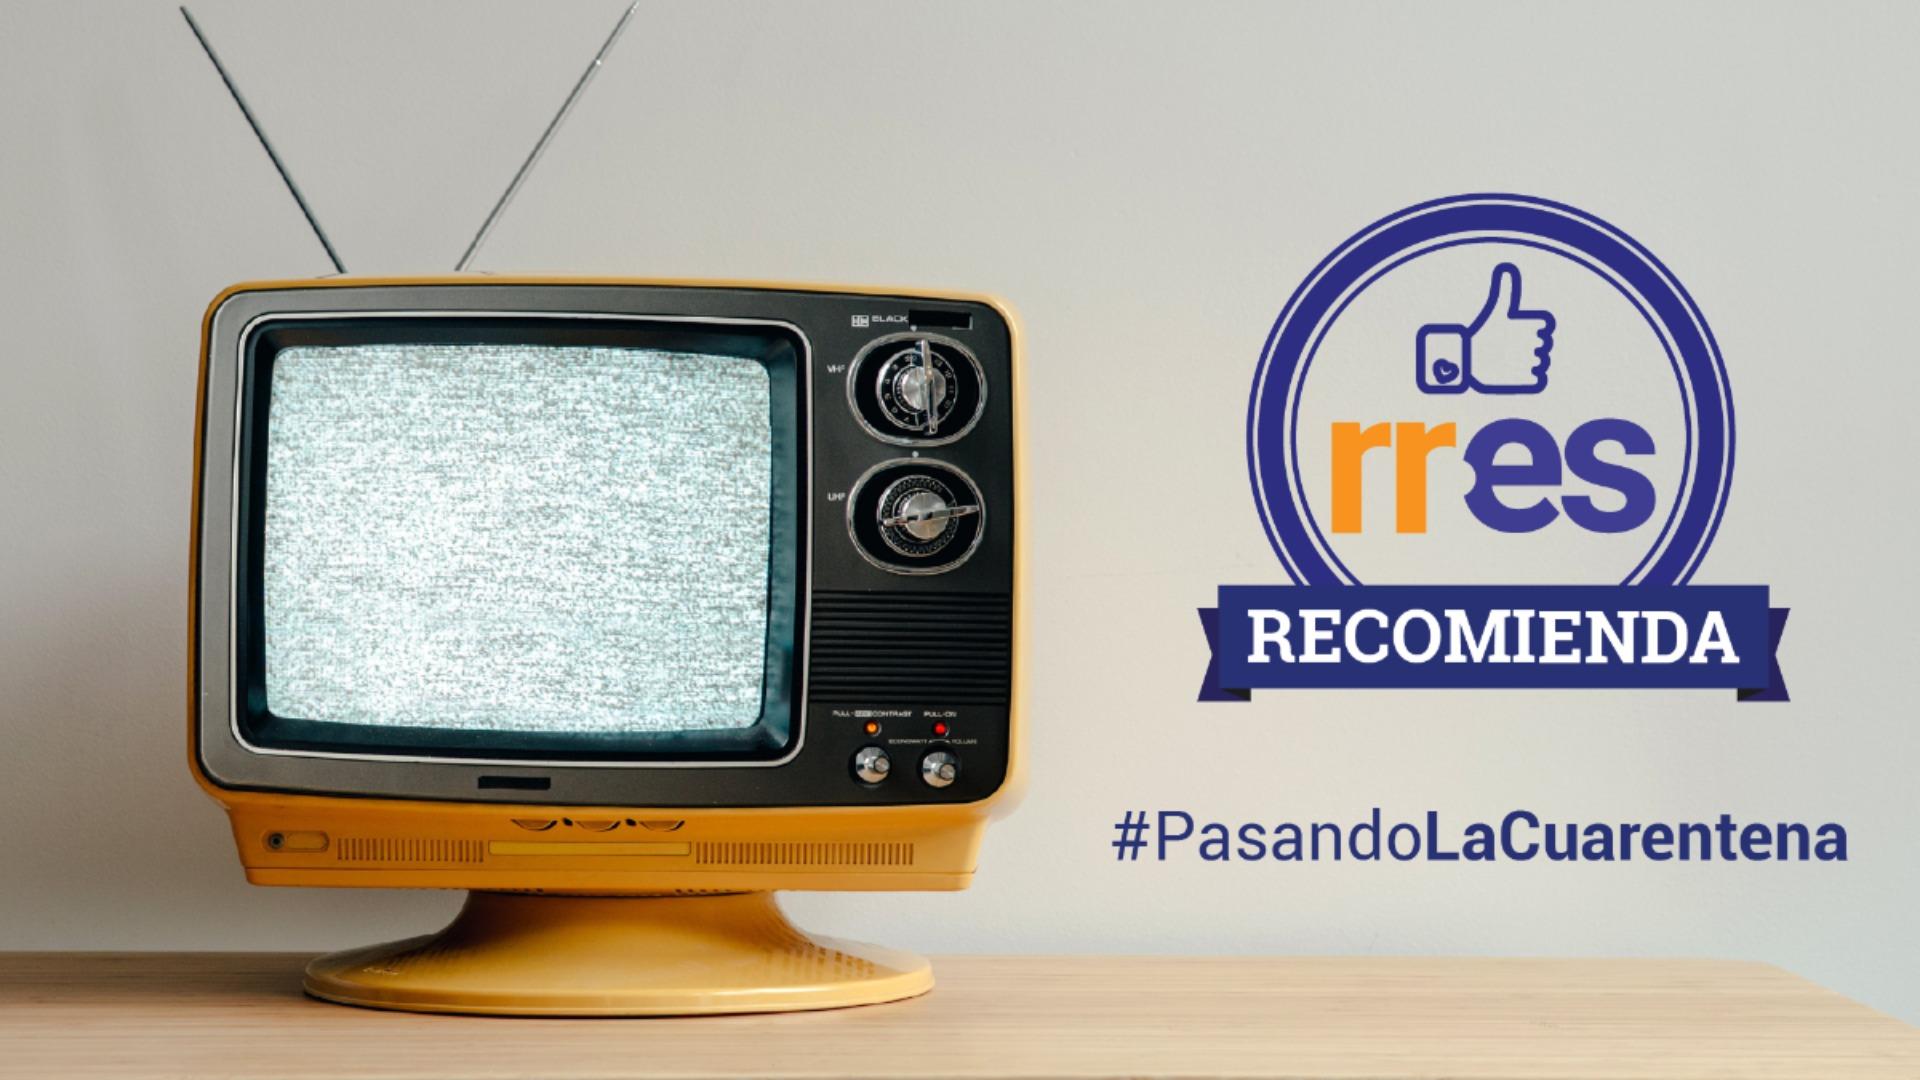 #PasandoLaCuarentena   Actividades recreativas para padres e hijos en casa #27Mar